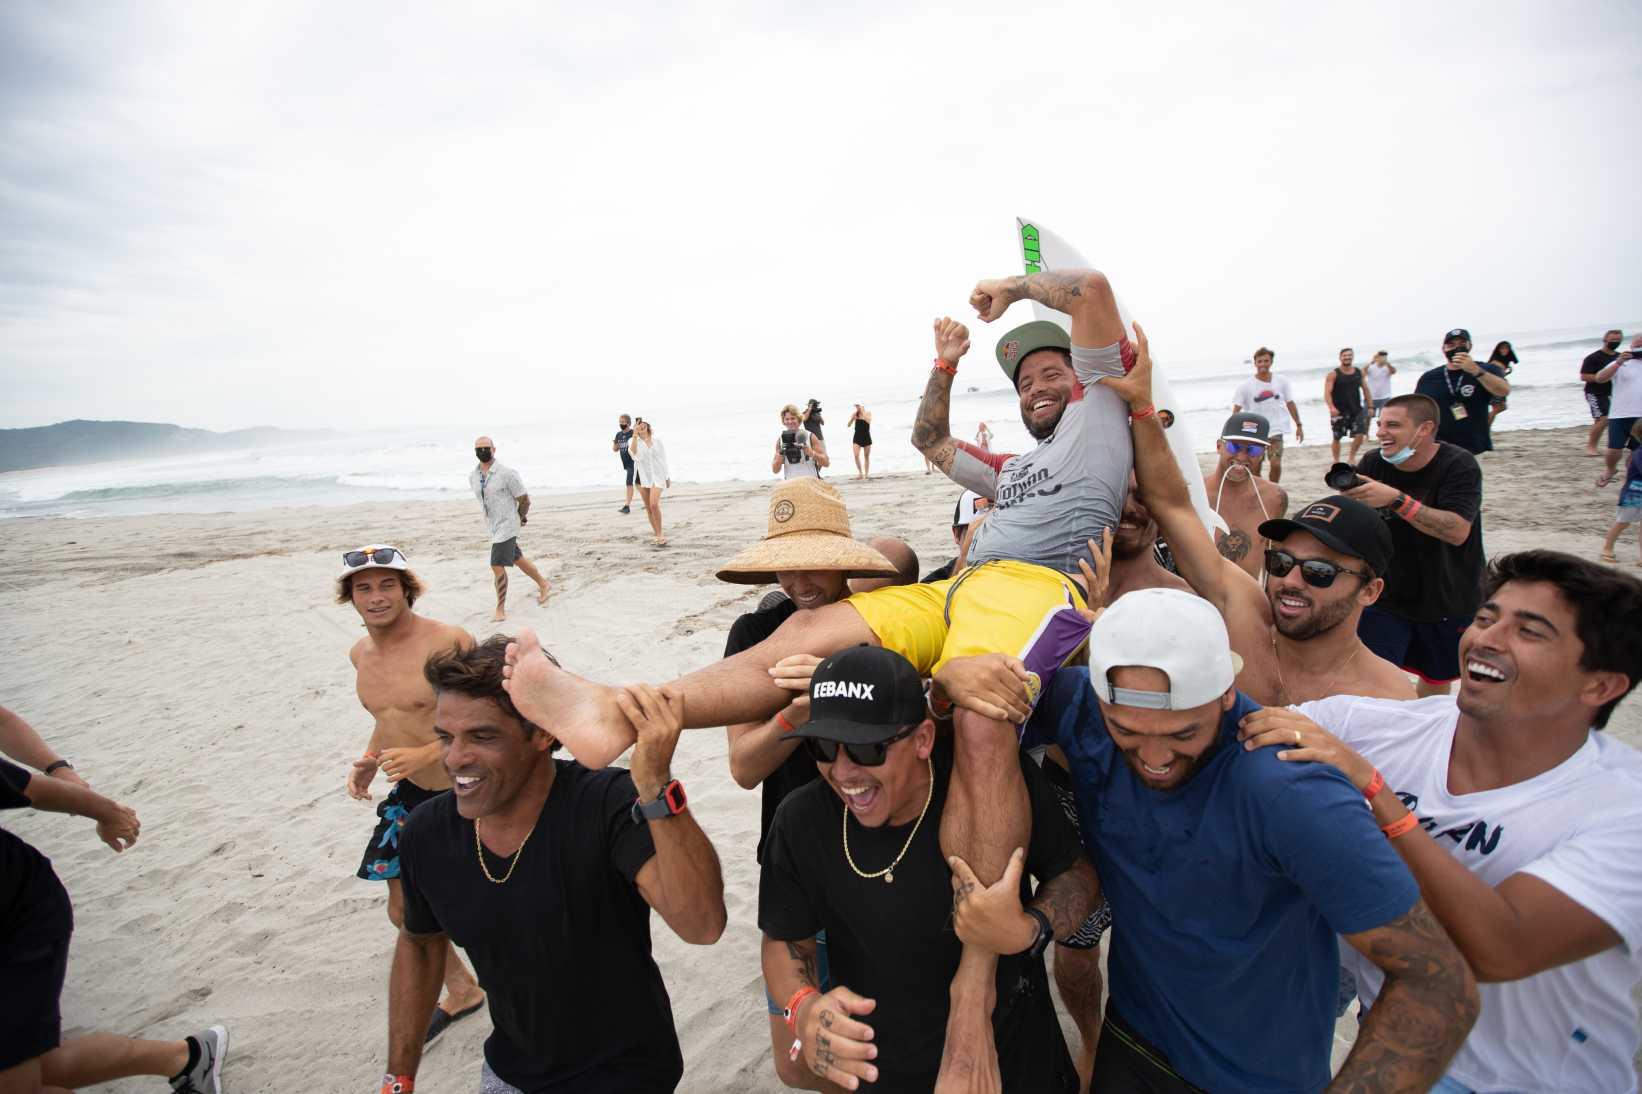 surf30 corona open mexico De Souza A 21Mex Diz TOD 6733